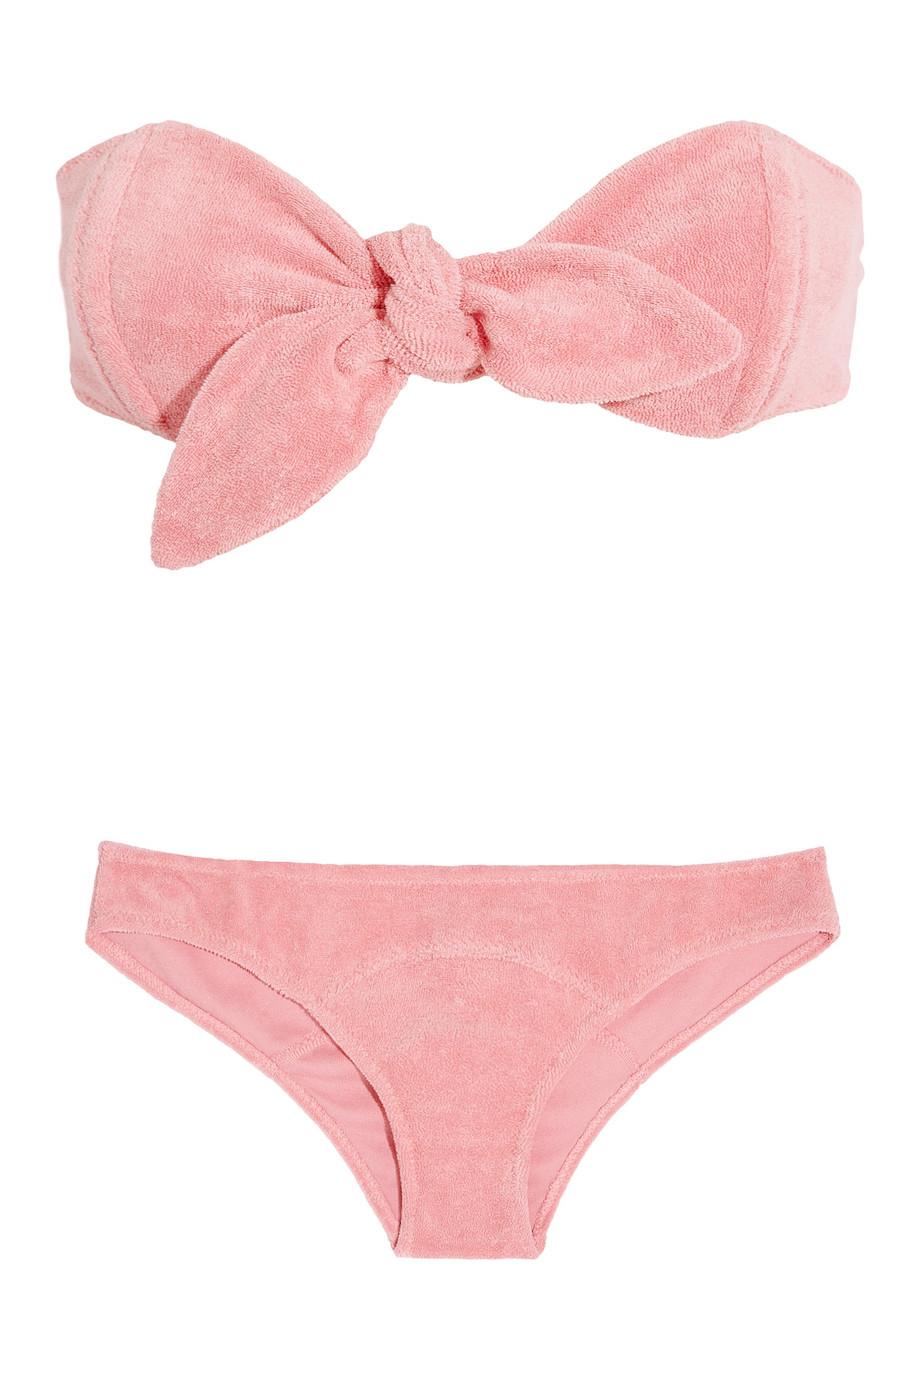 2447b78ec2 Lisa Marie Fernandez Poppy Terry Bandeau Bikini in Pink - Lyst